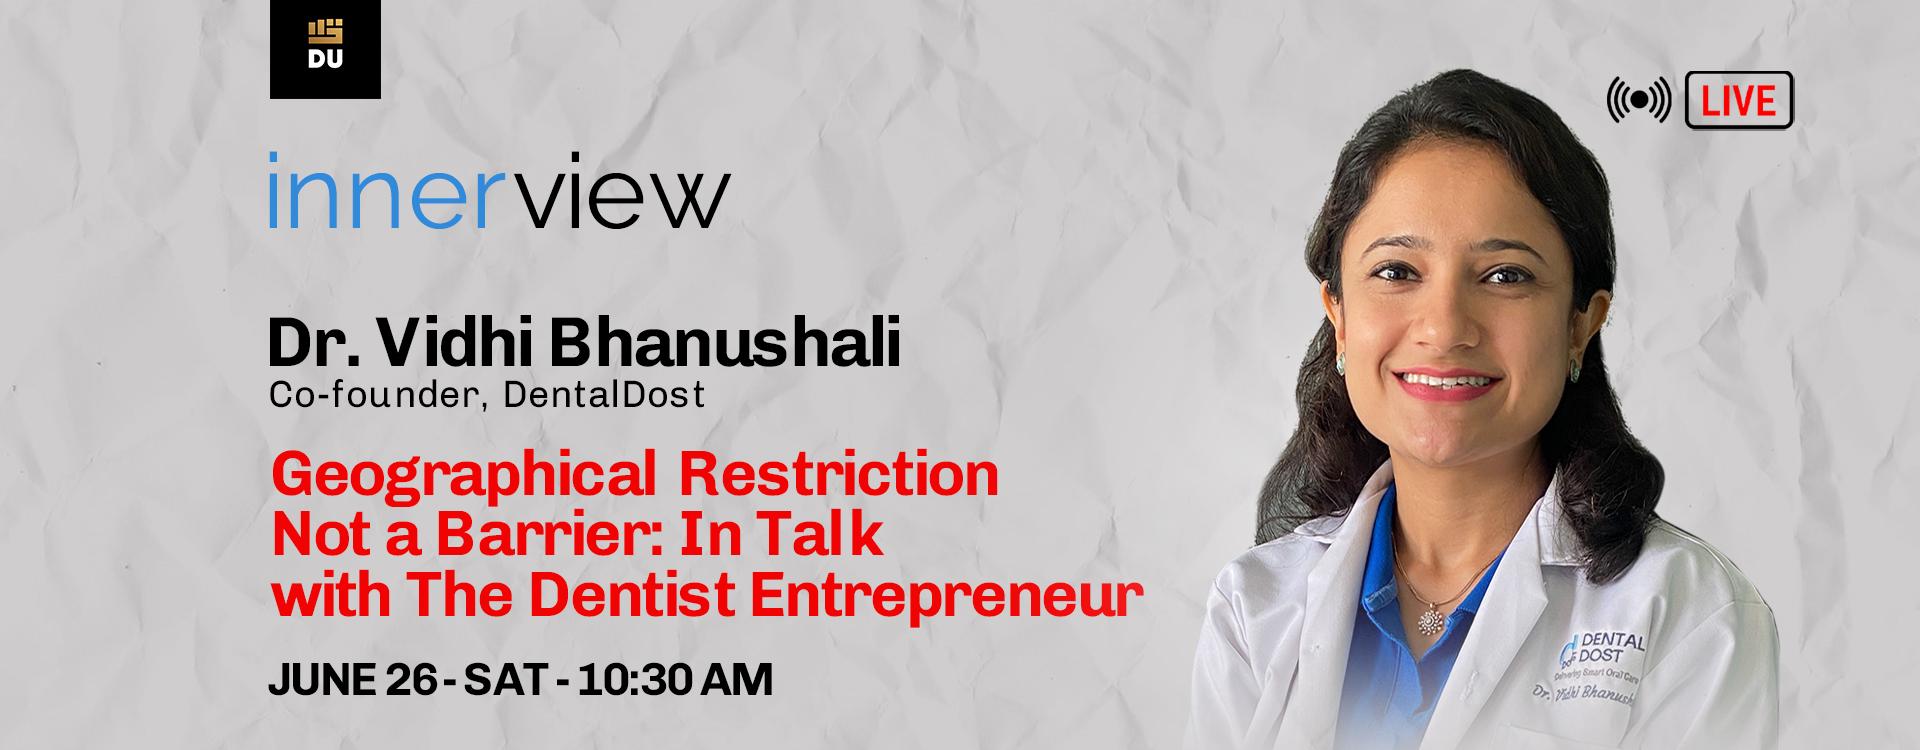 Dentist Entrepreneur-Dr. Vidhi Bhanushali